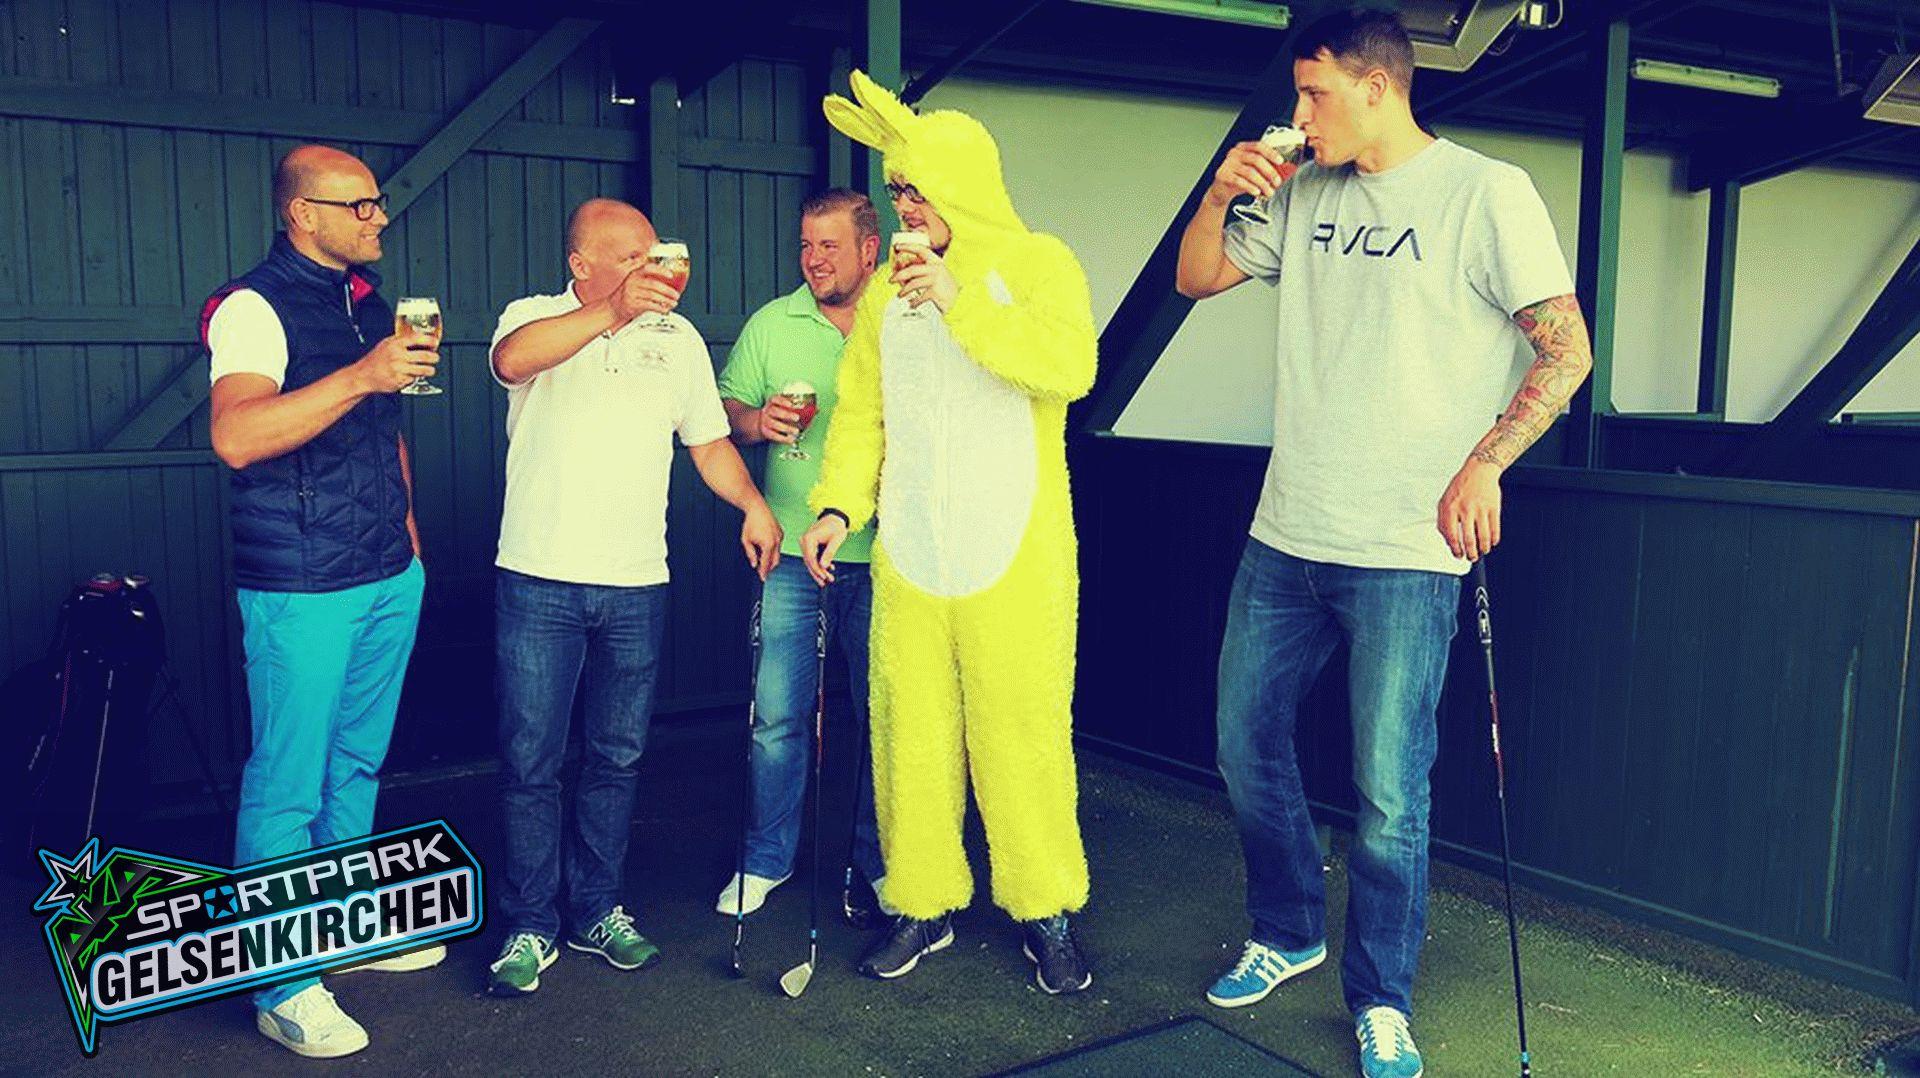 Golf-Party-Junggesellenabschied-NRW